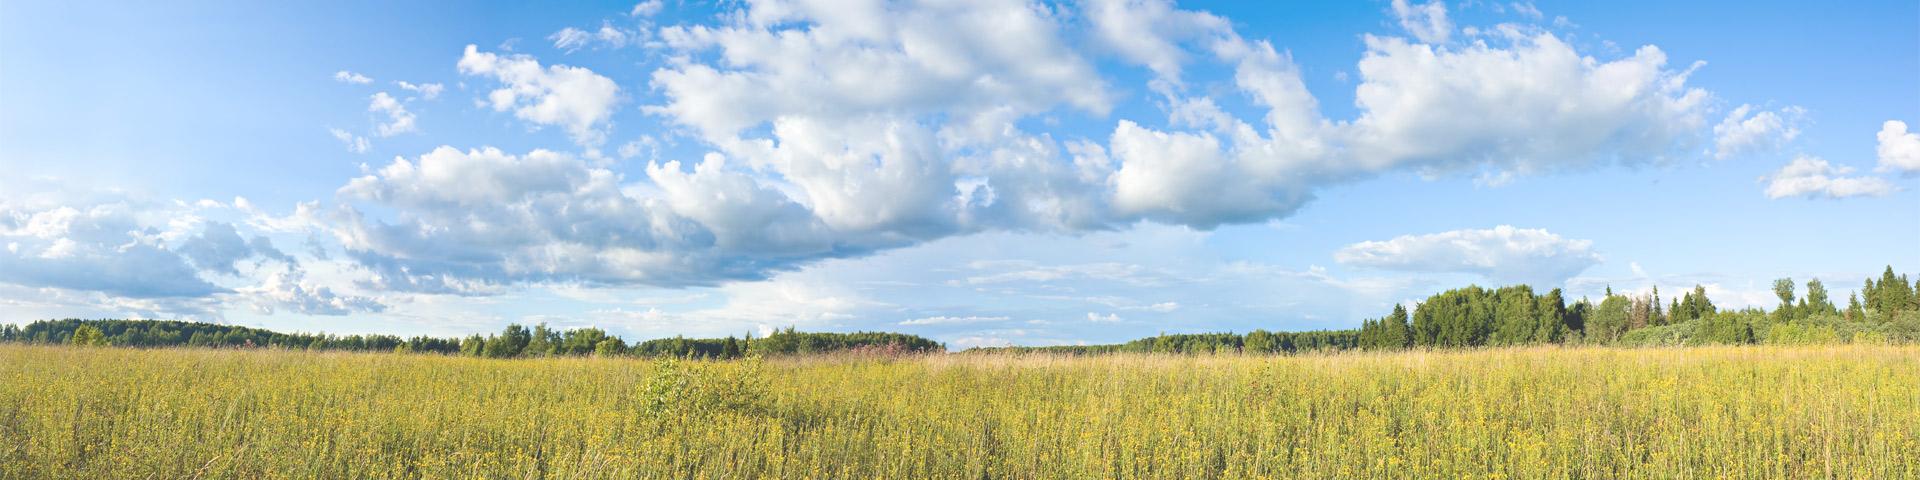 Landschaft AHK ambulanter Pflegedienst mit Wiesen, Wald und Wolken.